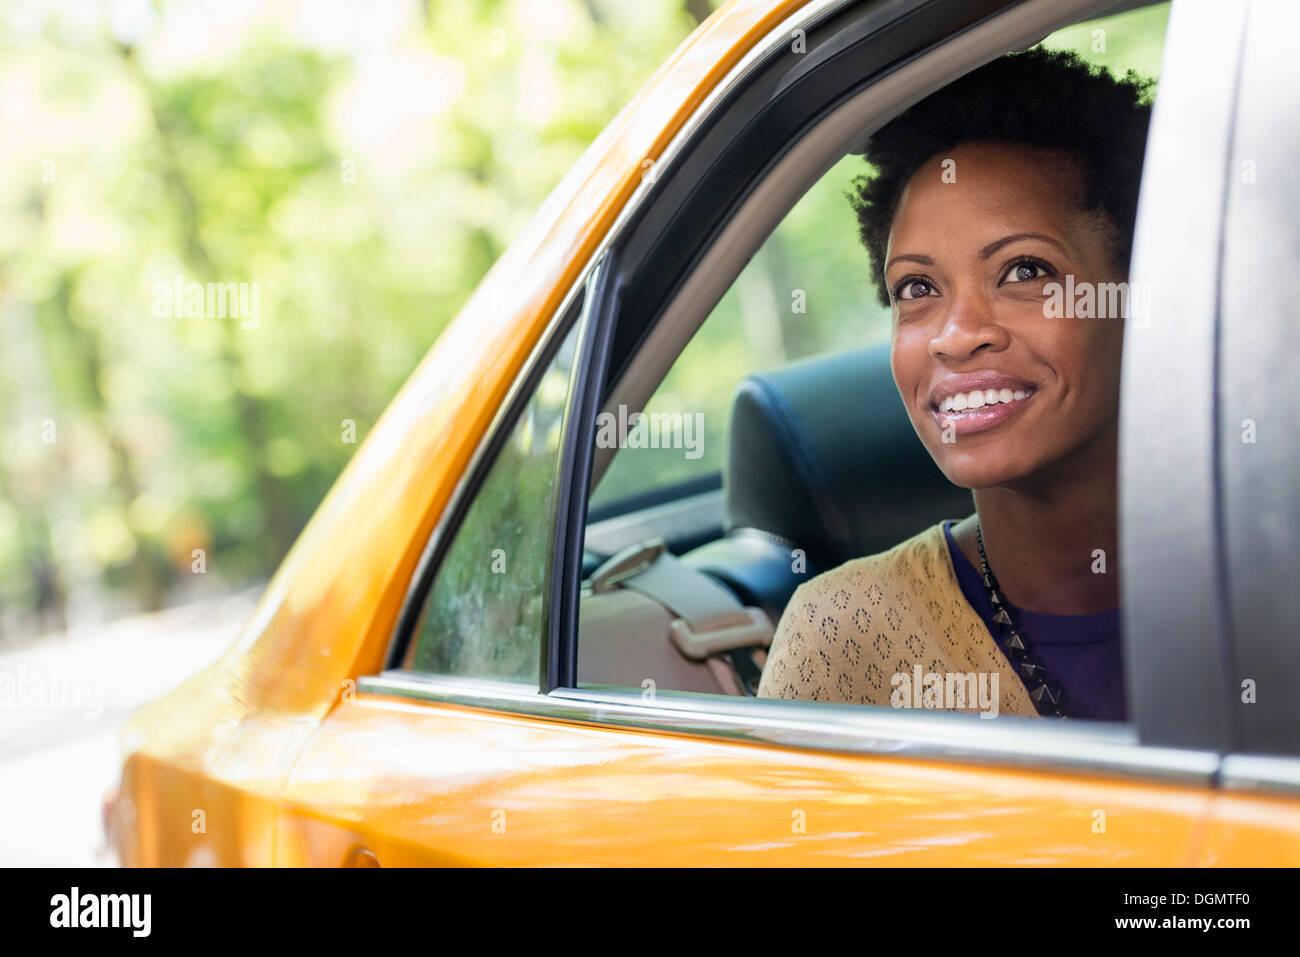 Una donna seduta nella parte posteriore del sedile passeggero di un taxi giallo. Immagini Stock